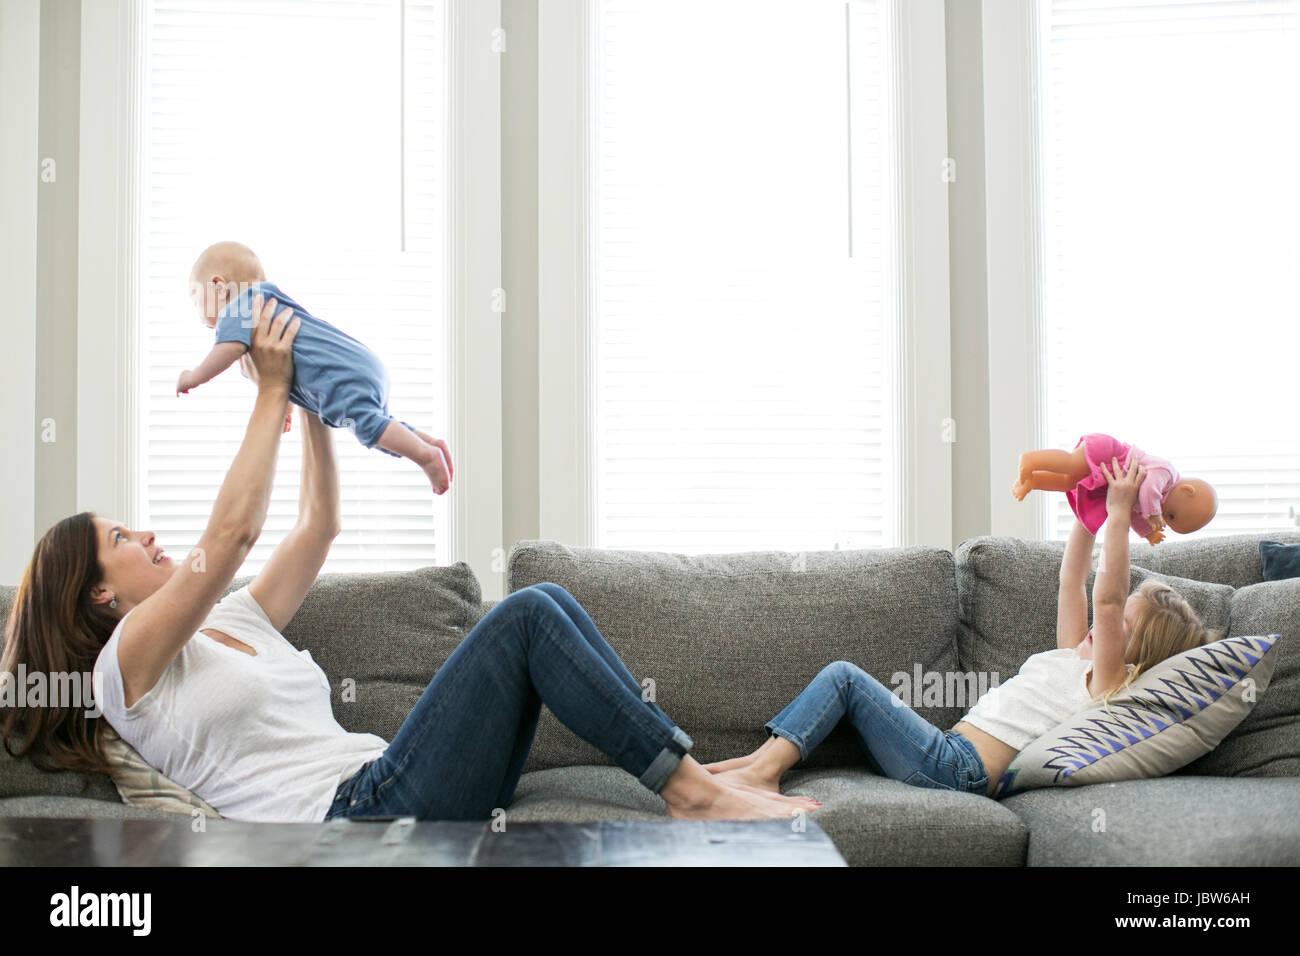 Azienda madre baby boy in aria attraverso dalla figlia tenendo la bambola in aria Immagini Stock